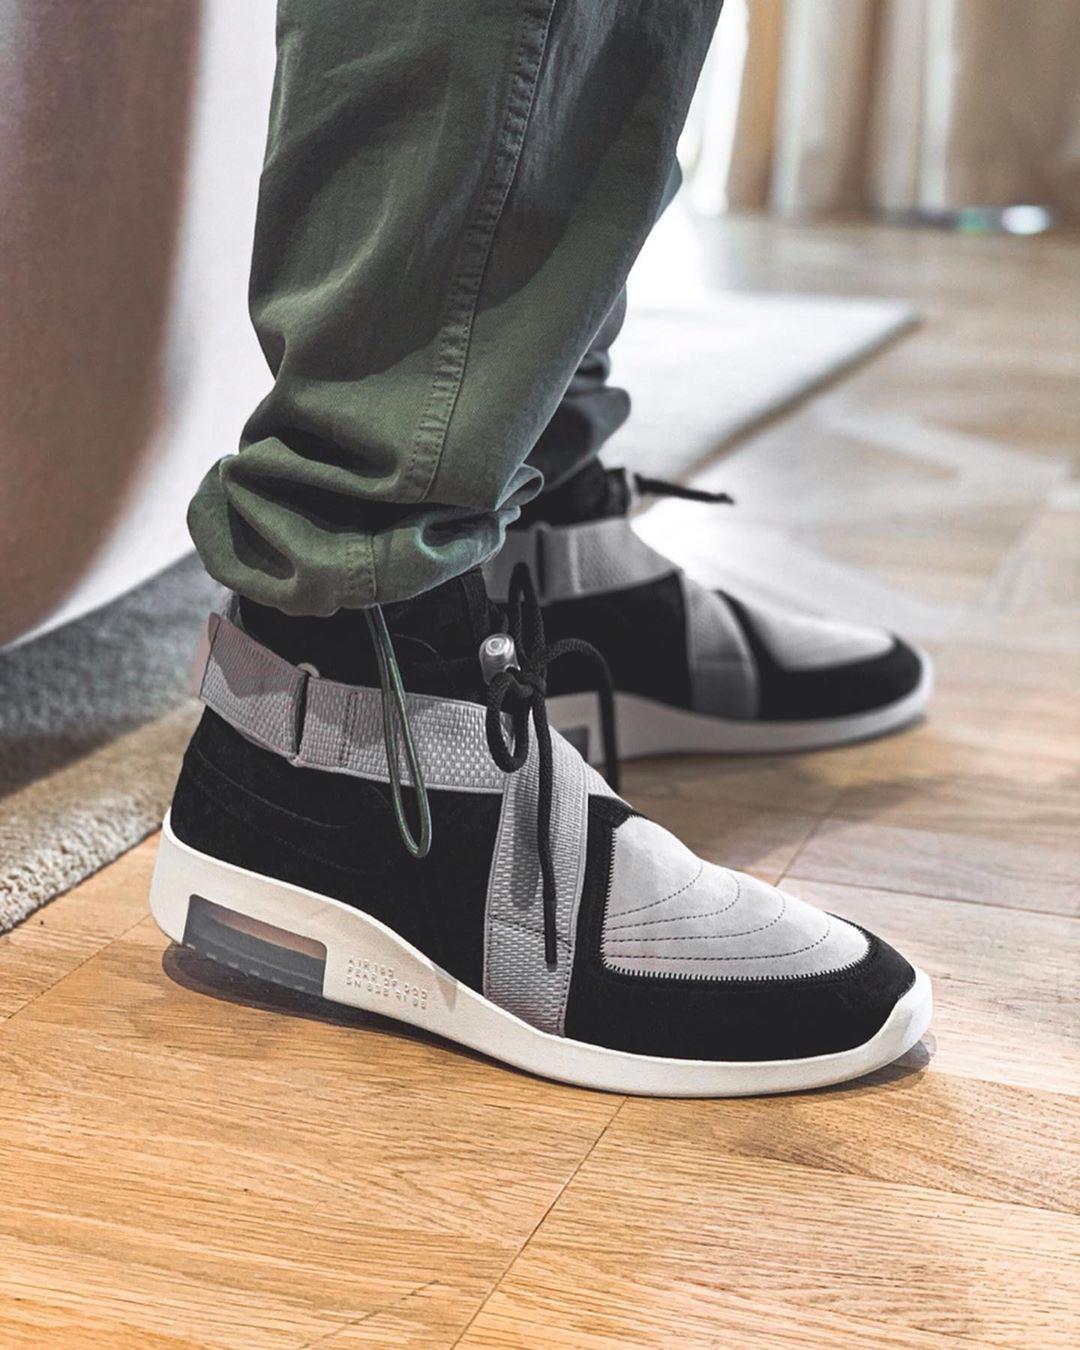 莆田鞋-Nike Air Fear Of God Friend & Family 货英超下注平台:AT8087-003-货源网